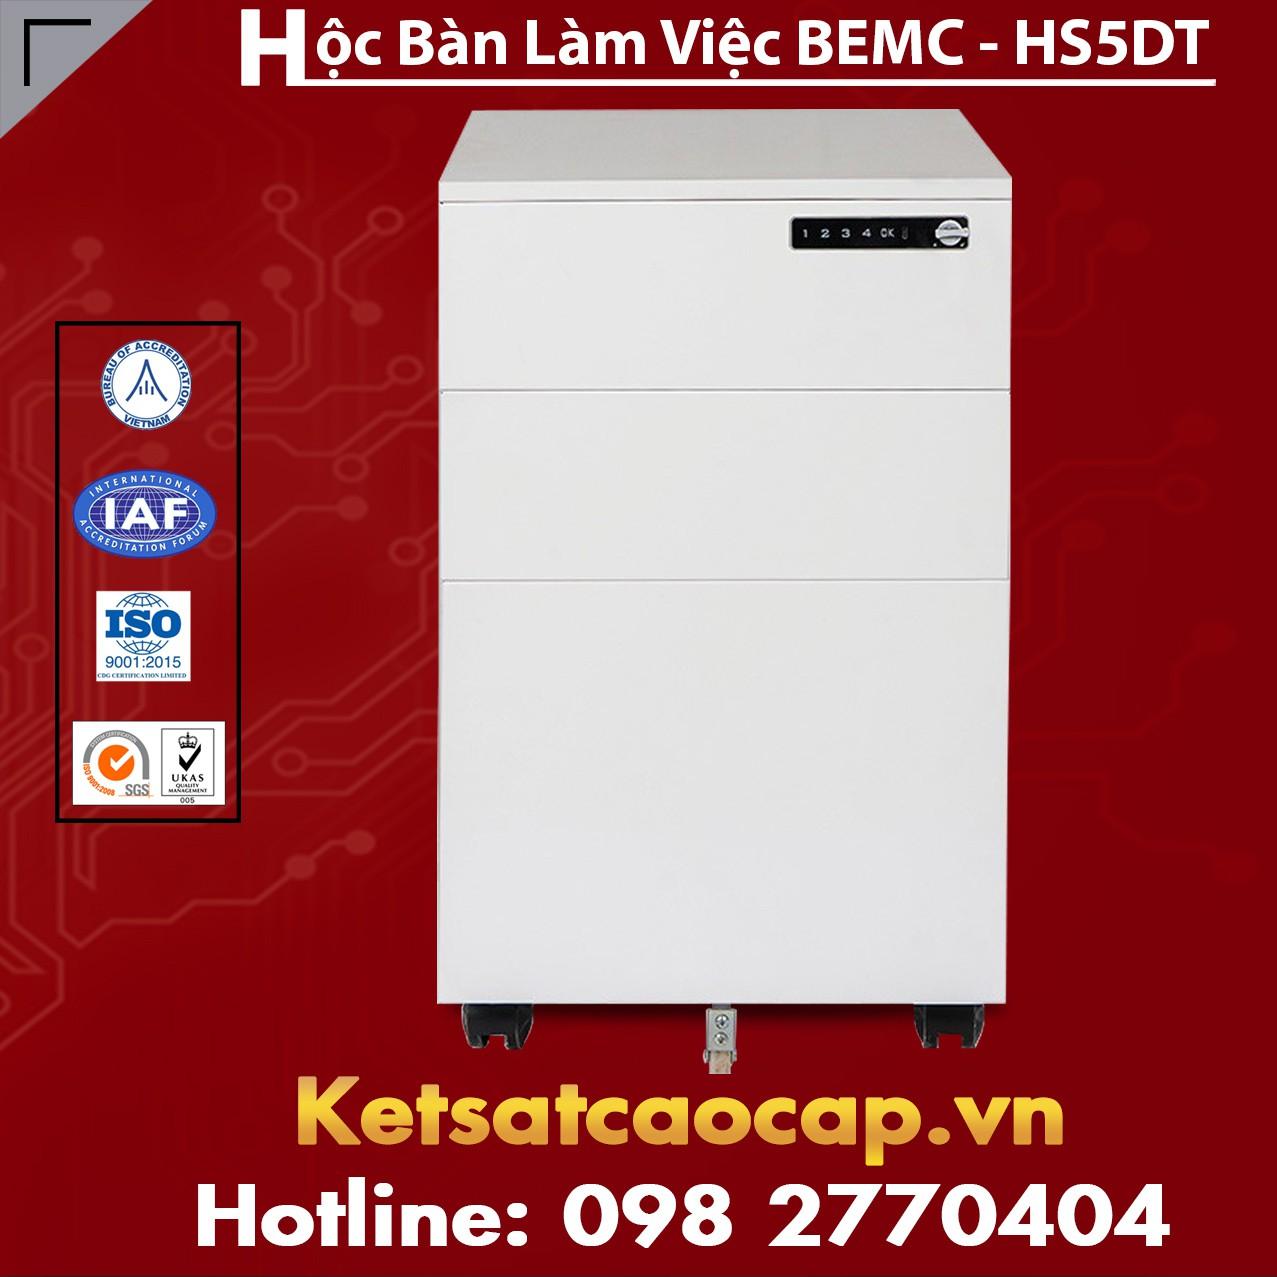 Hộc Bàn Làm Việc BEMC - HS5DT